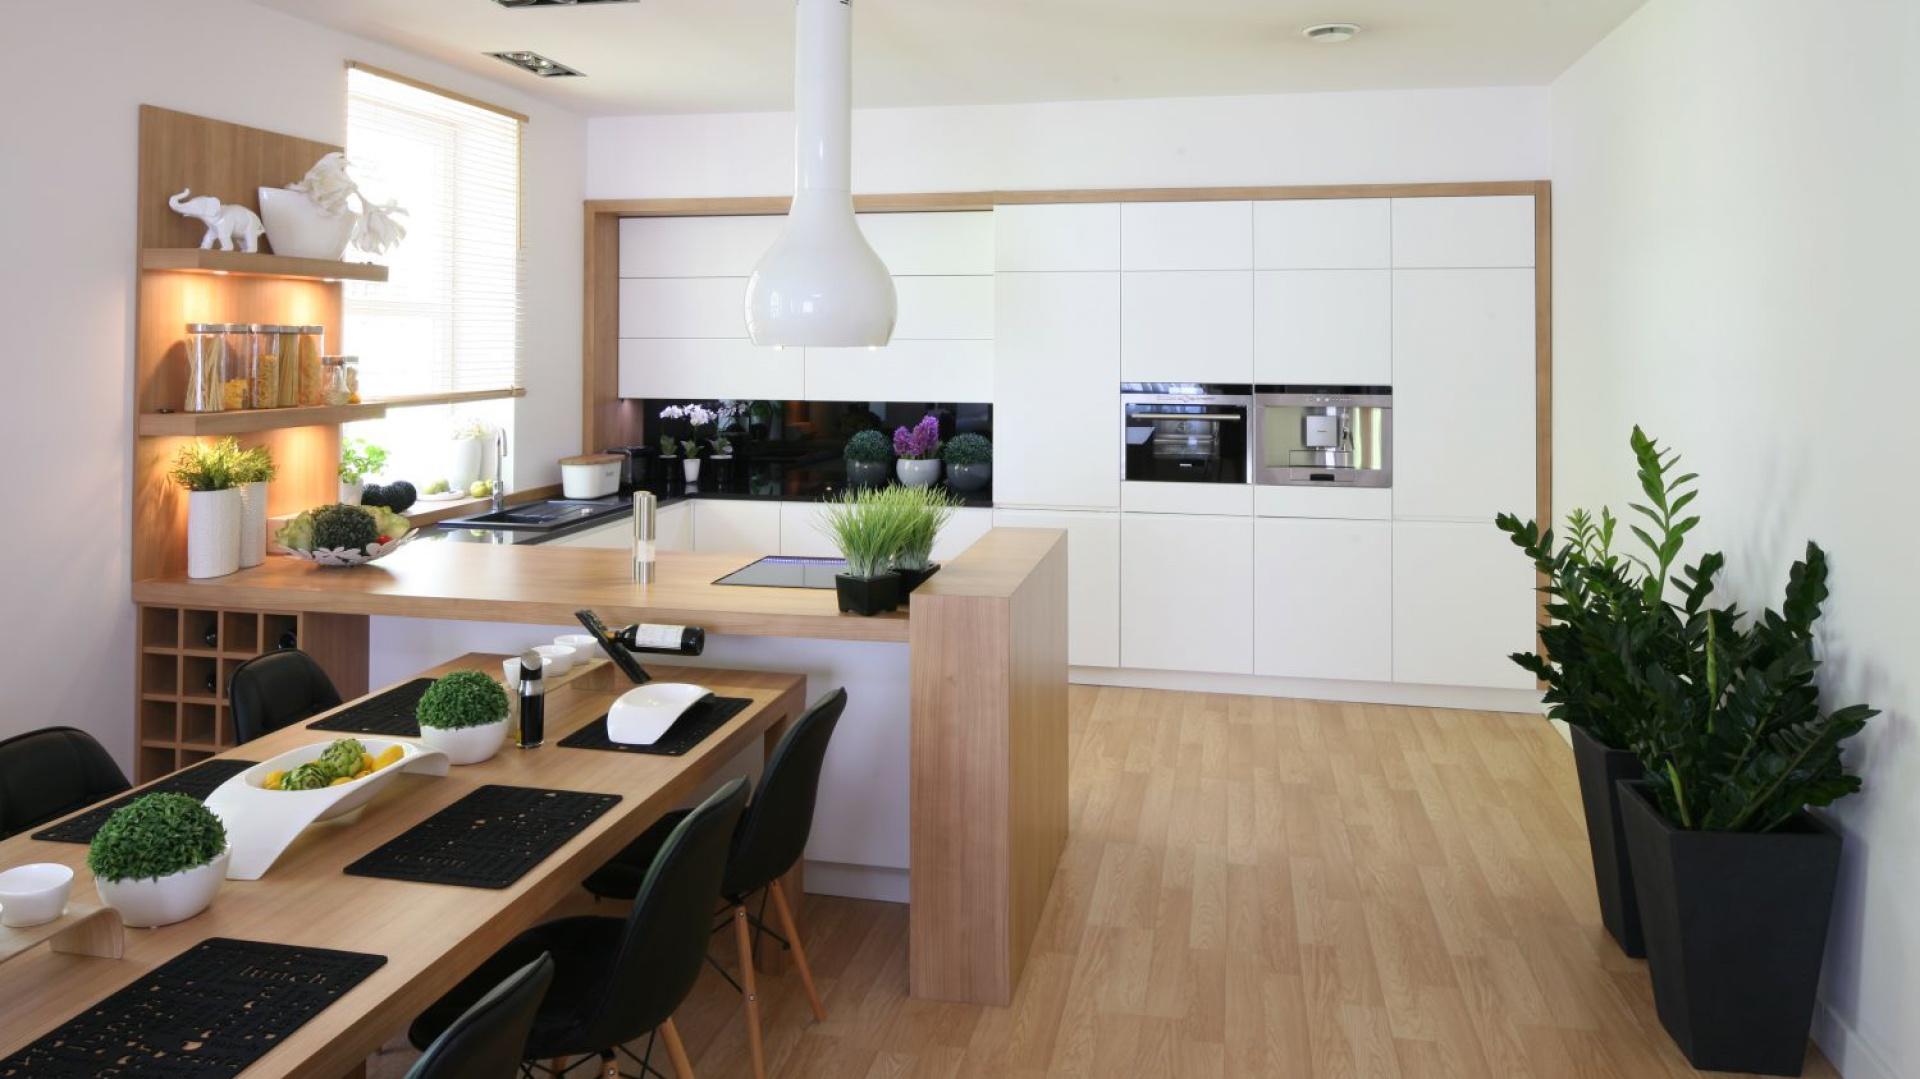 Nowoczesna kuchnia z białymi frontami wykończonymi w macie. Zabudowa kuchenna na jedną ścianę przyciąga wzrok, dominując nad całością aranżacji. Oprawiona w okalającą ją drewnianą ramę prezentuje się nadzwyczaj efektownie. Towarzyszy jej półwysep z drewnianym blatem, przy którym ustawiono długi, drewniany stół. Projekt: Małgorzata Błaszczak. Fot. Bartosz Jarosz.